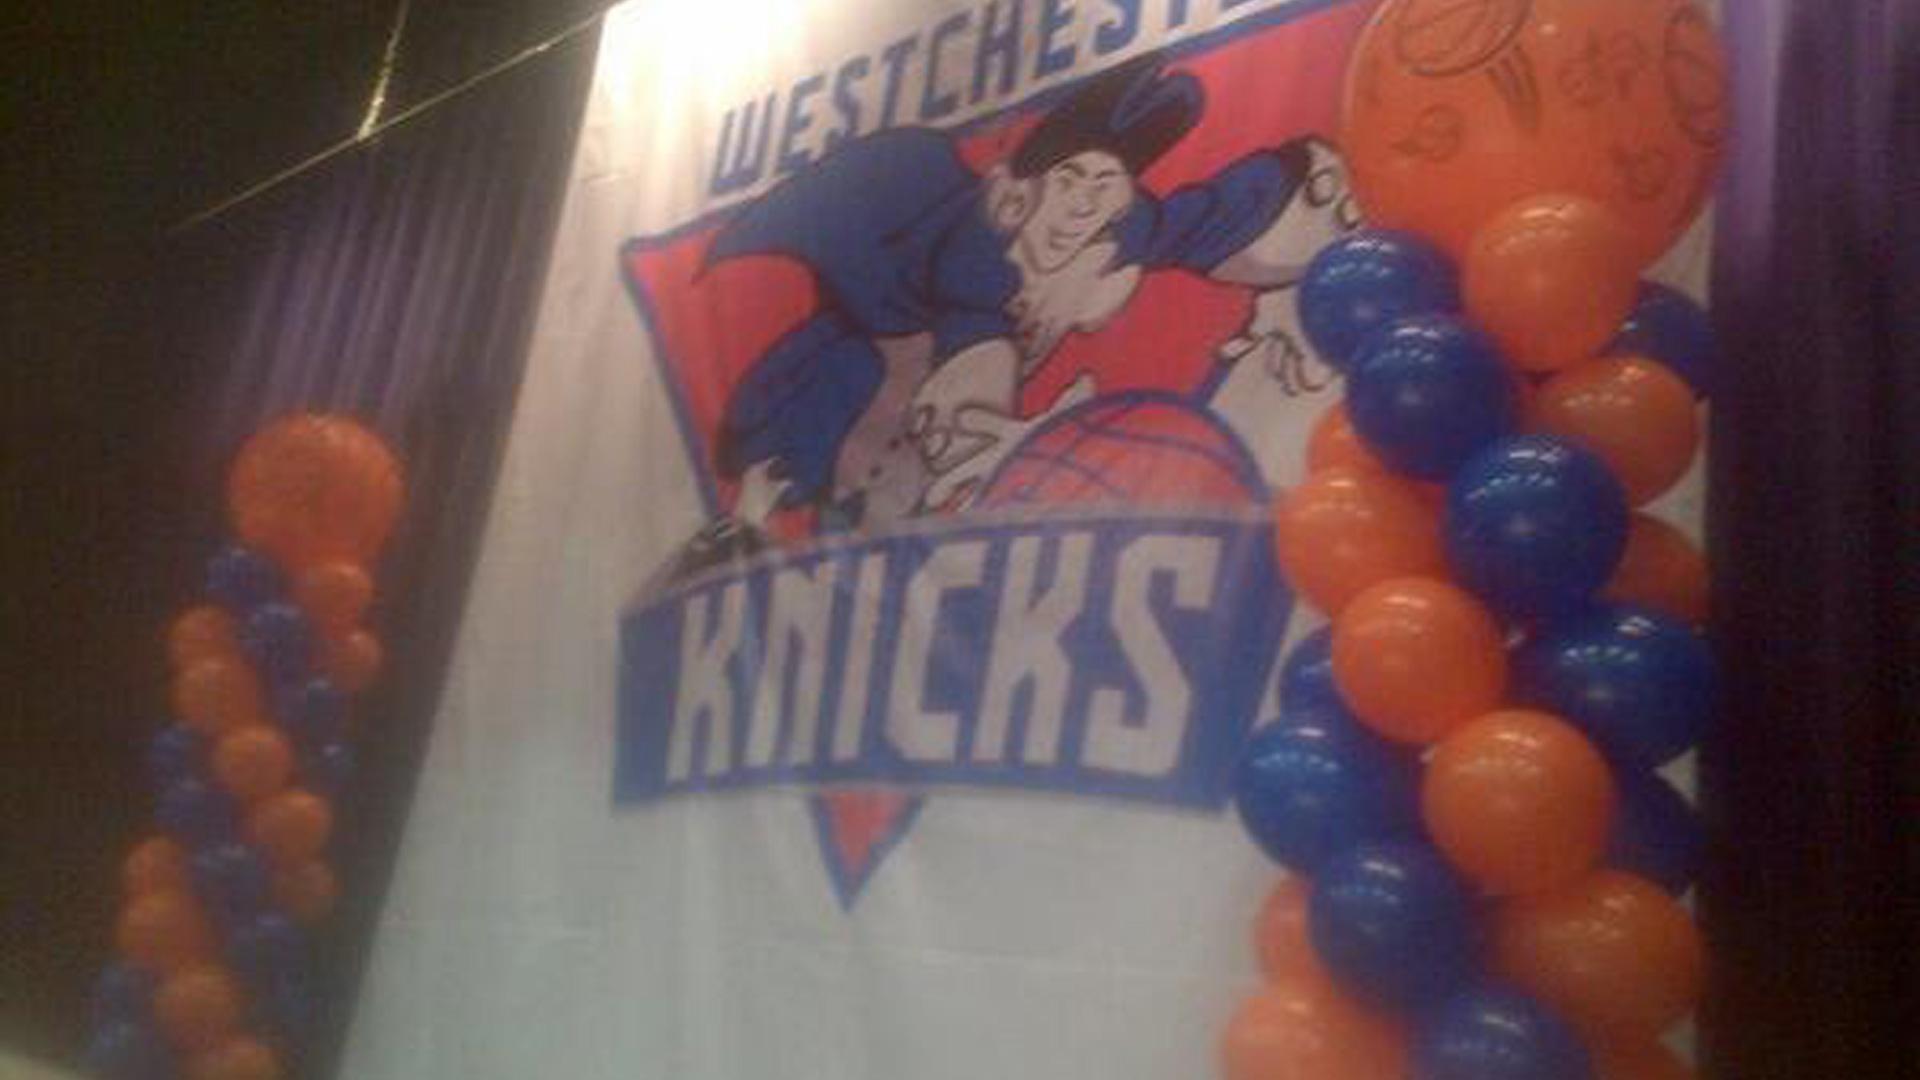 westchester-knicks-d-league-051415-twitter-ftr